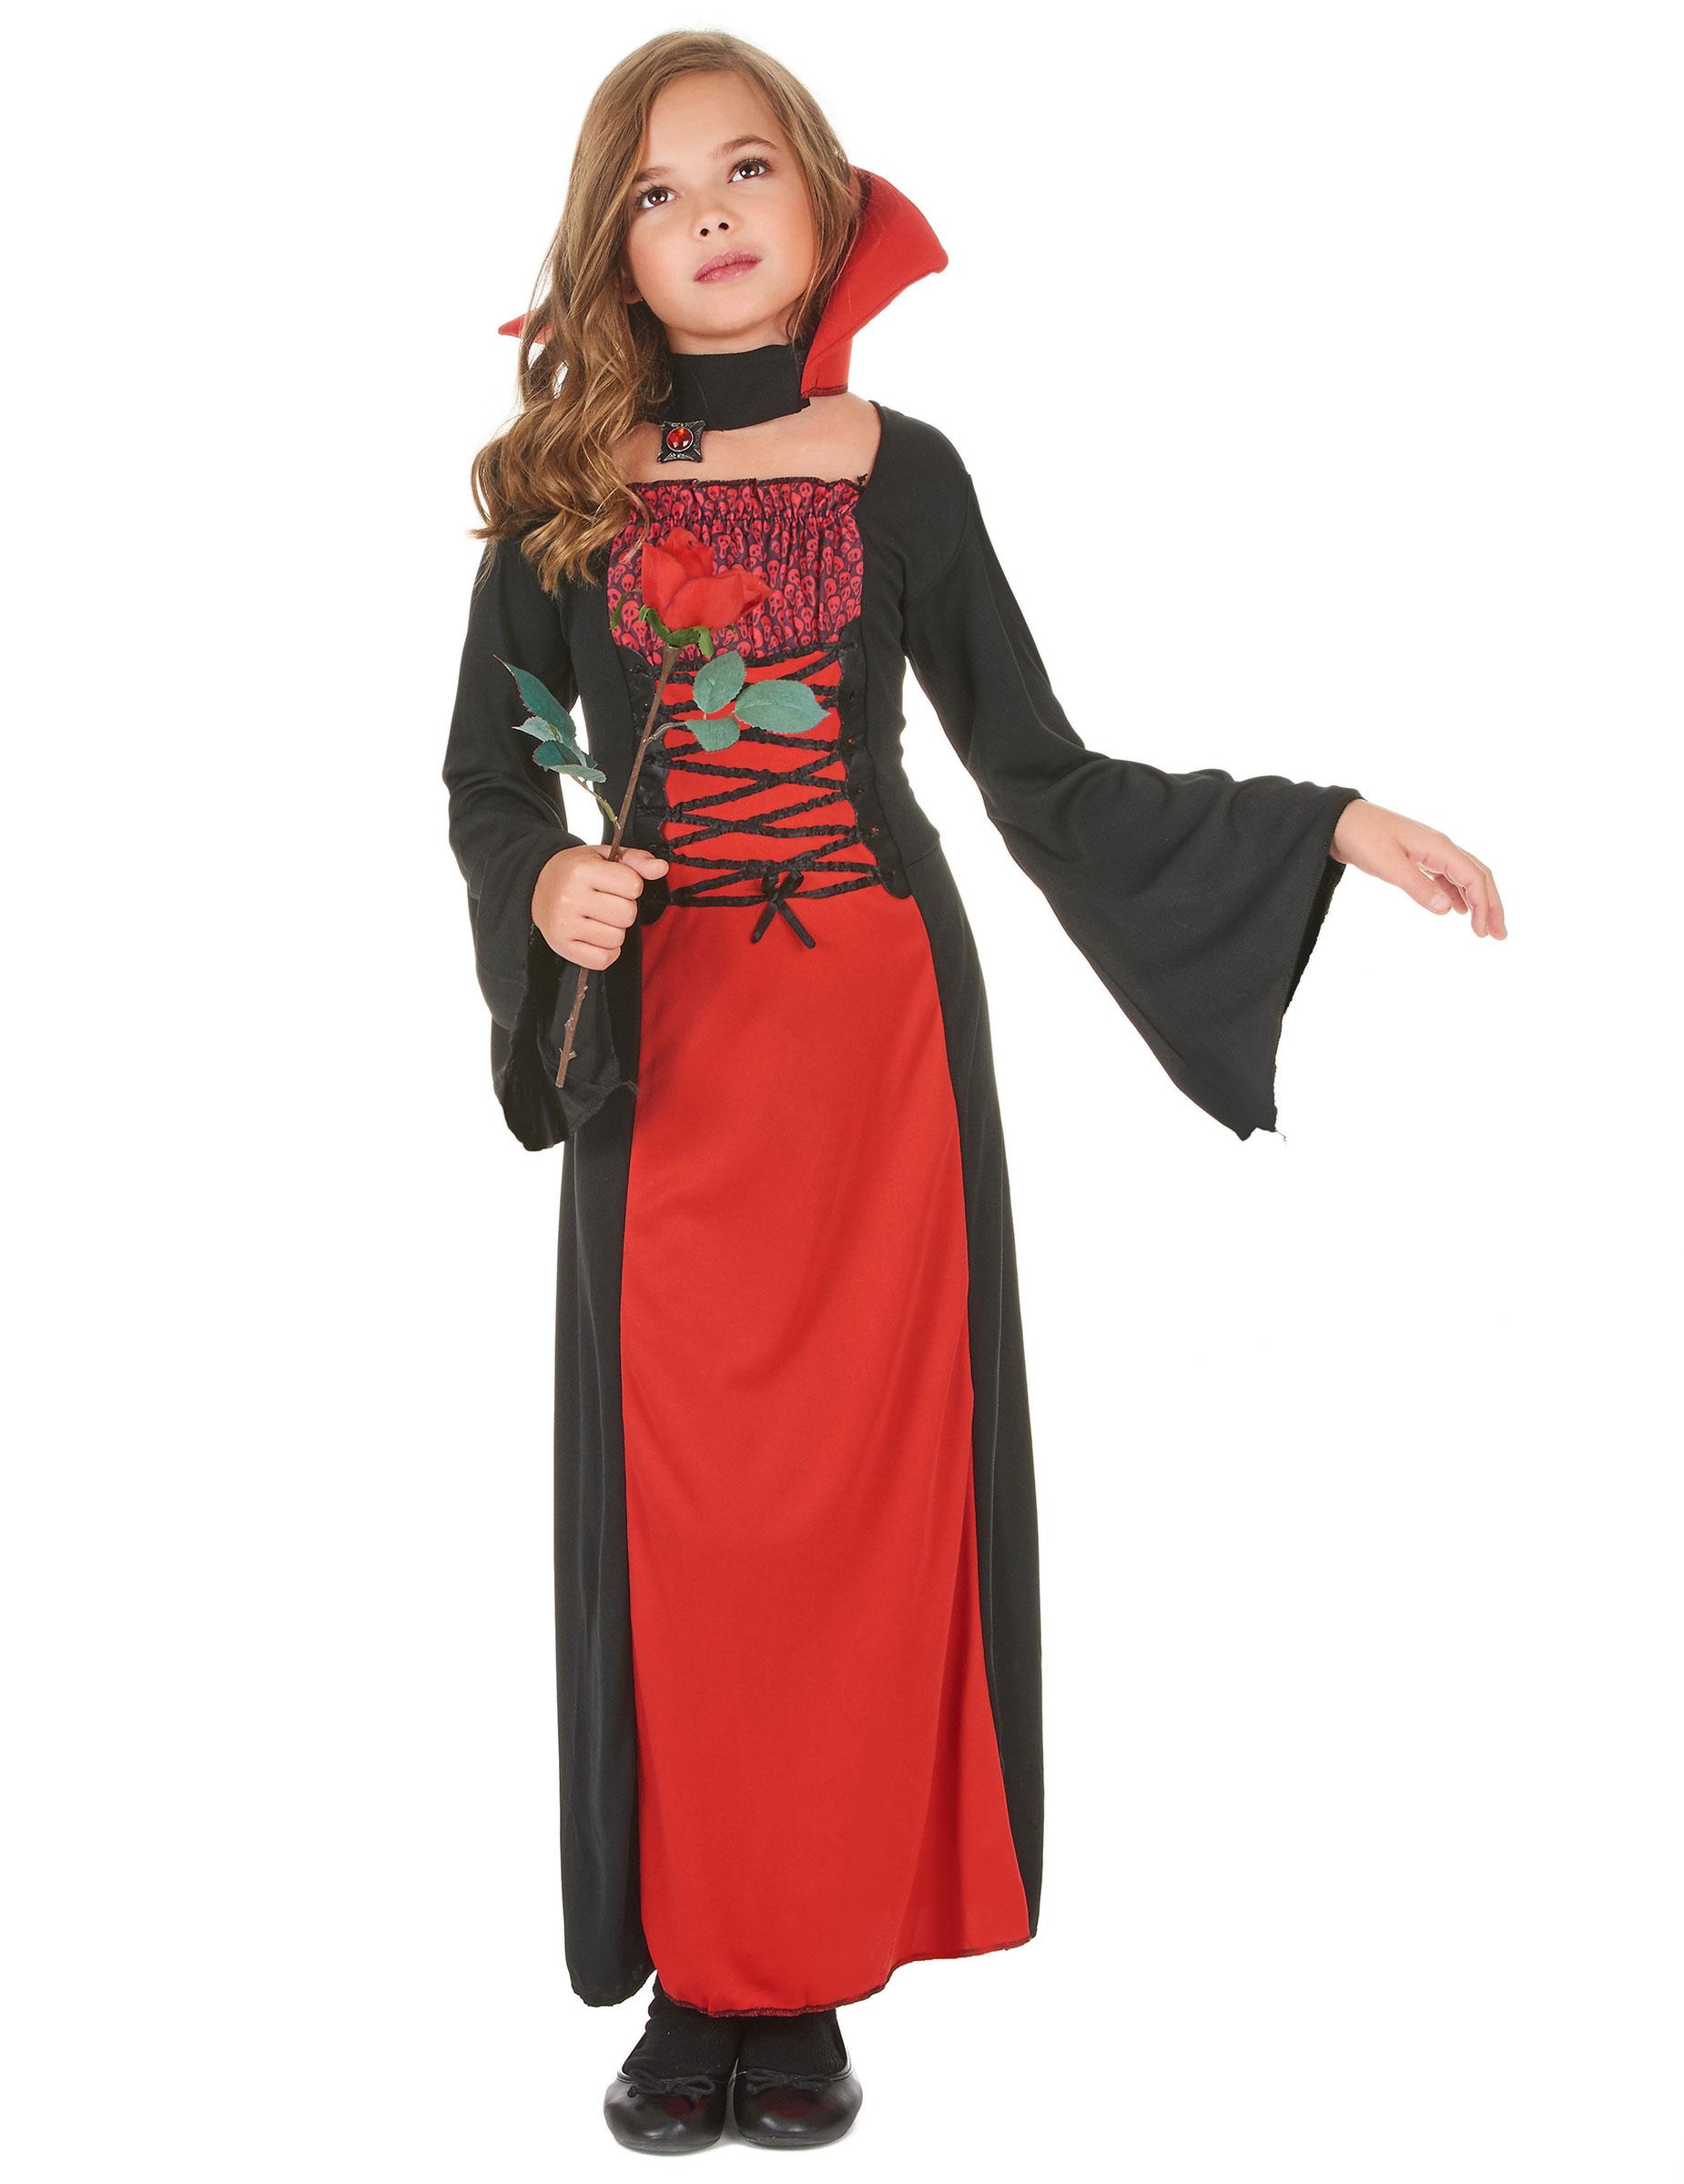 d guisement vampire fille halloween achat de d guisements enfants sur vegaoopro grossiste en. Black Bedroom Furniture Sets. Home Design Ideas